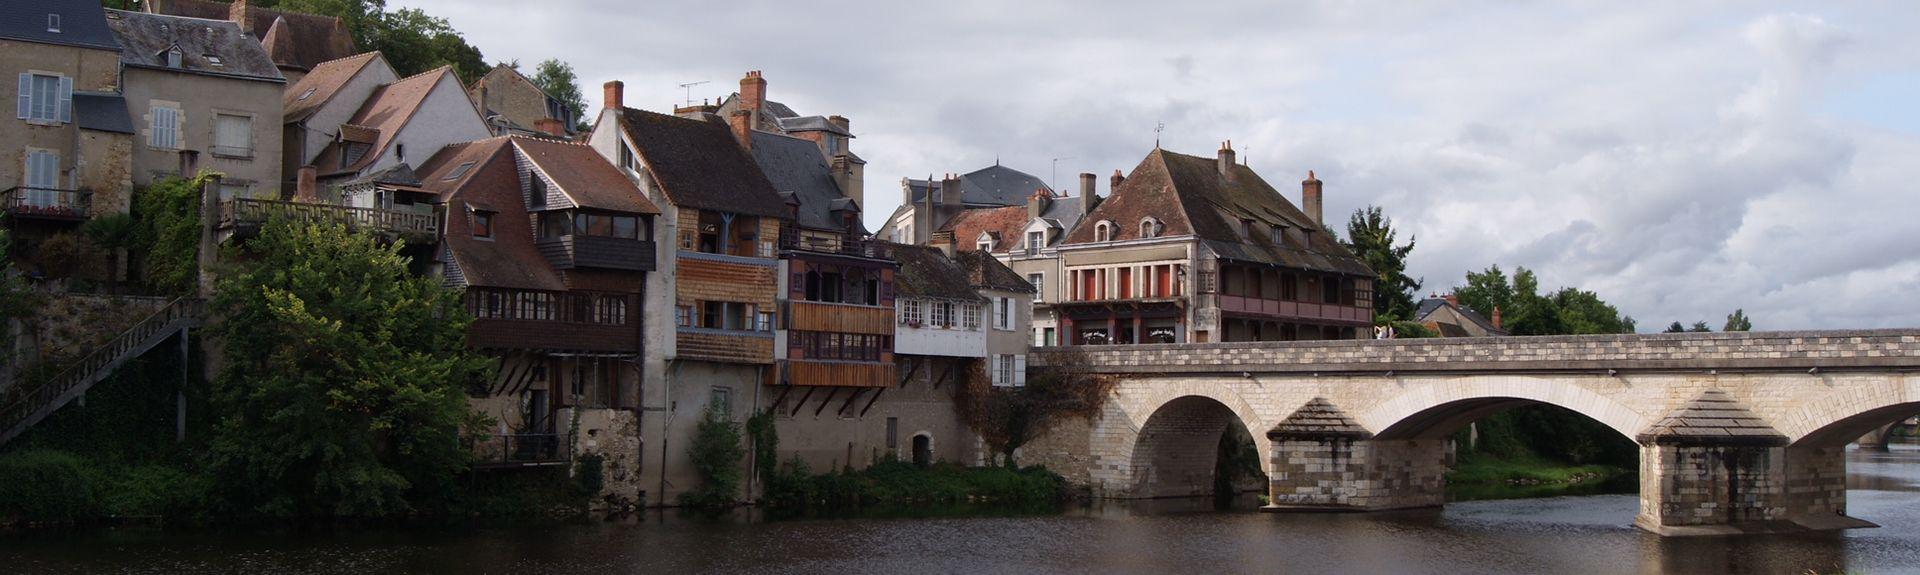 Thevet-Saint-Julien, Centre - Val de Loire, France